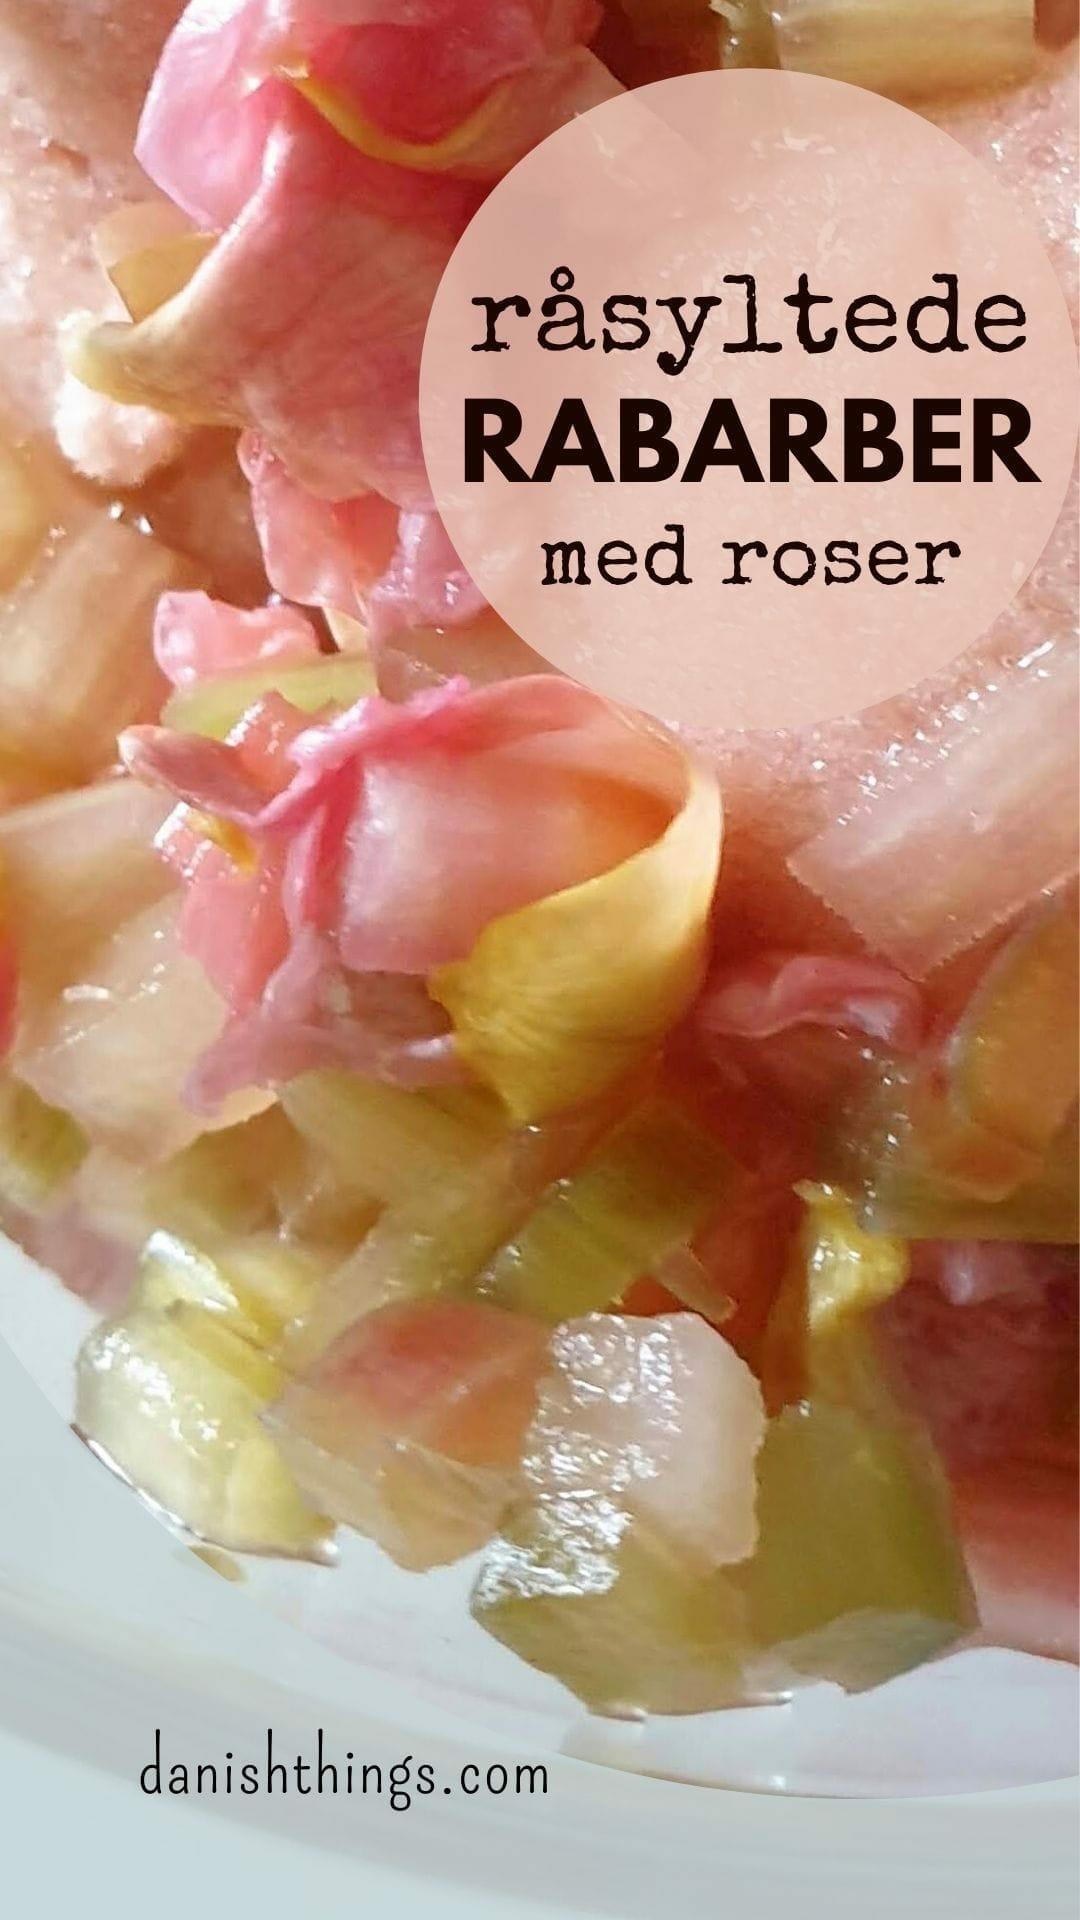 Lav nemt råsyltede eller råmarinerede rabarber med roser, hyldeblomst eller… Brug dine rabarber i salater, kager og desserter, som tilbehør til din morgengrød din yoghurt, til flødeis og sorbet… Find opskrifter, gratis print og inspiration til årets gang på danishthings.com #DanishThings #rabarber #råsylte #råsyltede #sylte #marinere #råmarinerede #roser #hyldeblomst #grønnerabarber #haverabarber #SpisForåret #SpisSommeren #tilbehør